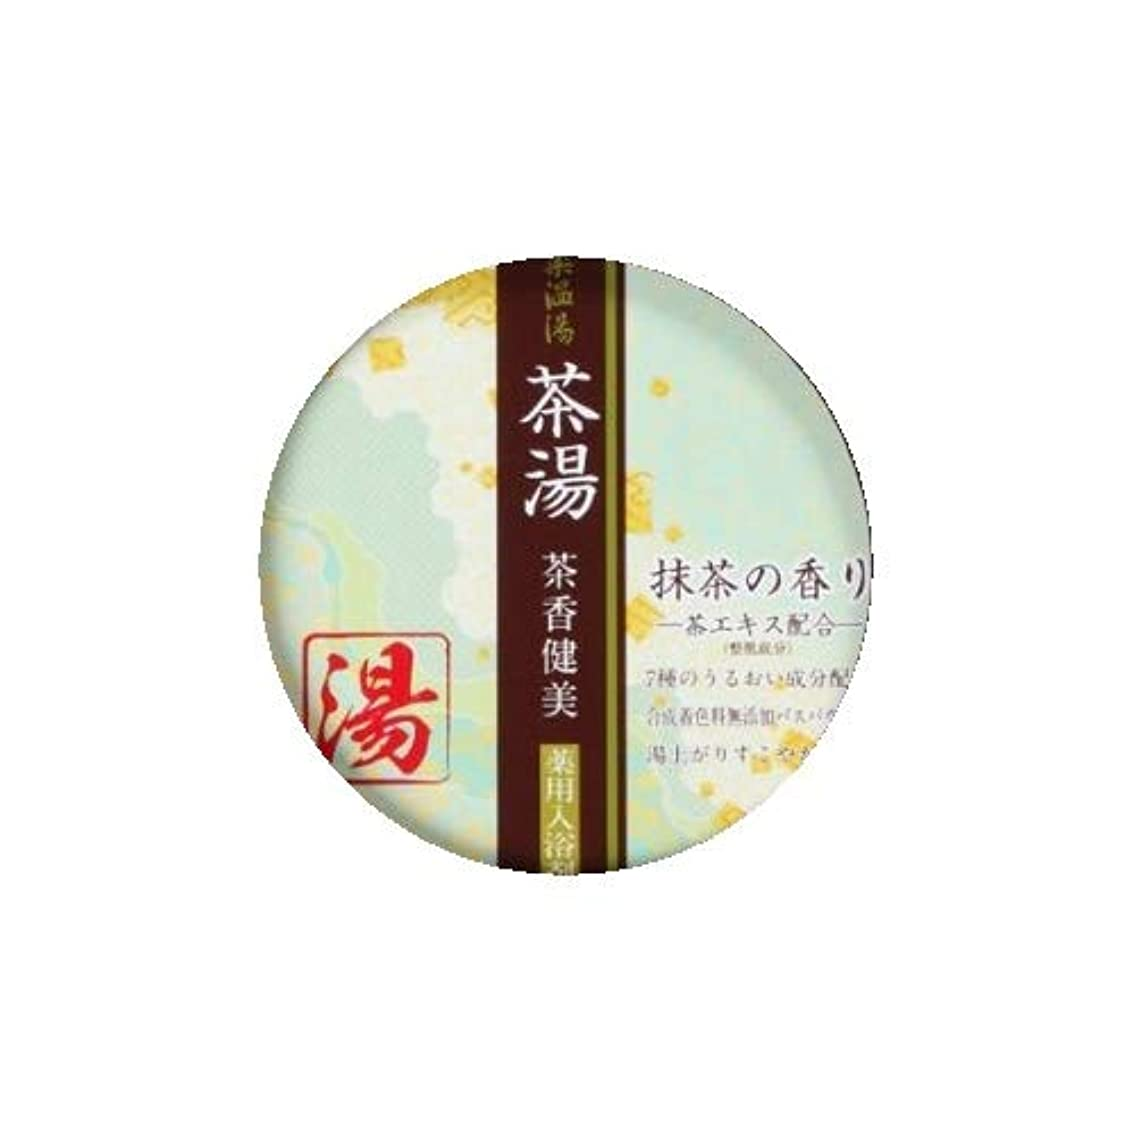 吸い込む関与する測定薬温湯 茶湯 入浴料 抹茶の香り POF-10M